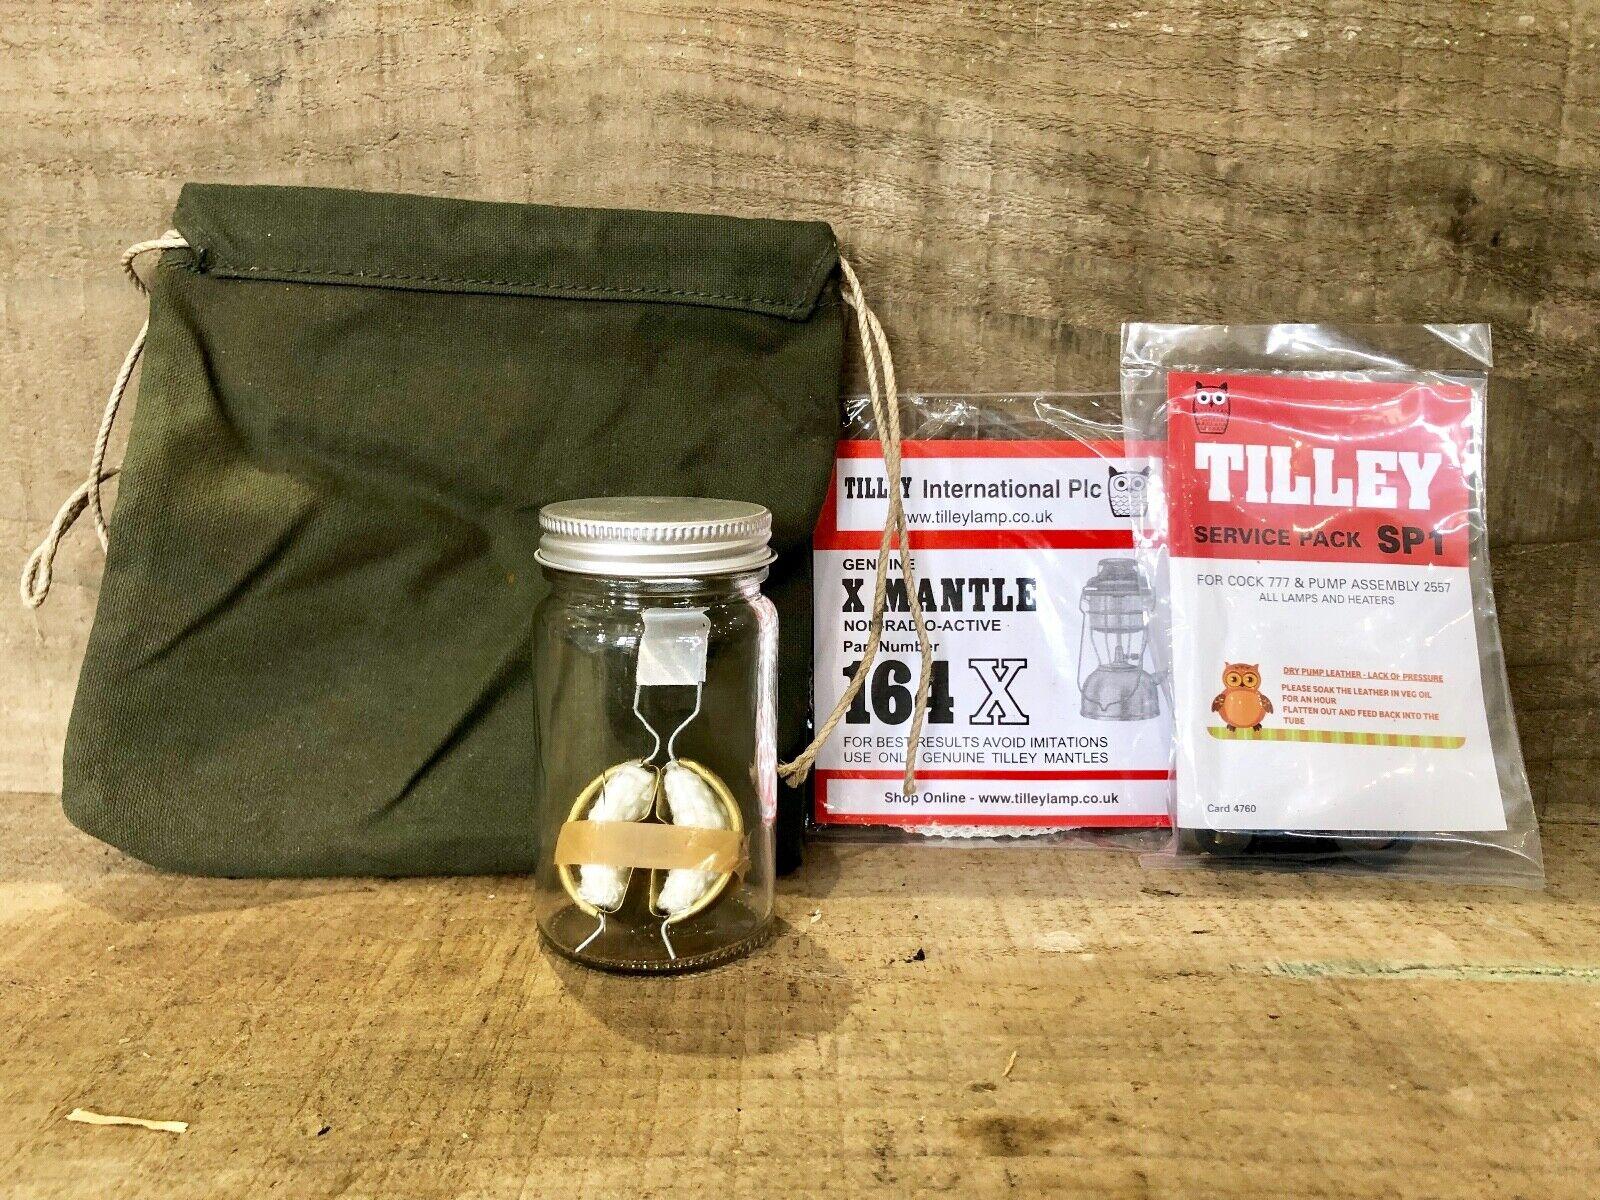 Originale Tilley Servizio Kit con Ex Militare Borsa 158 Jar 151 Torcia SP1 Sk